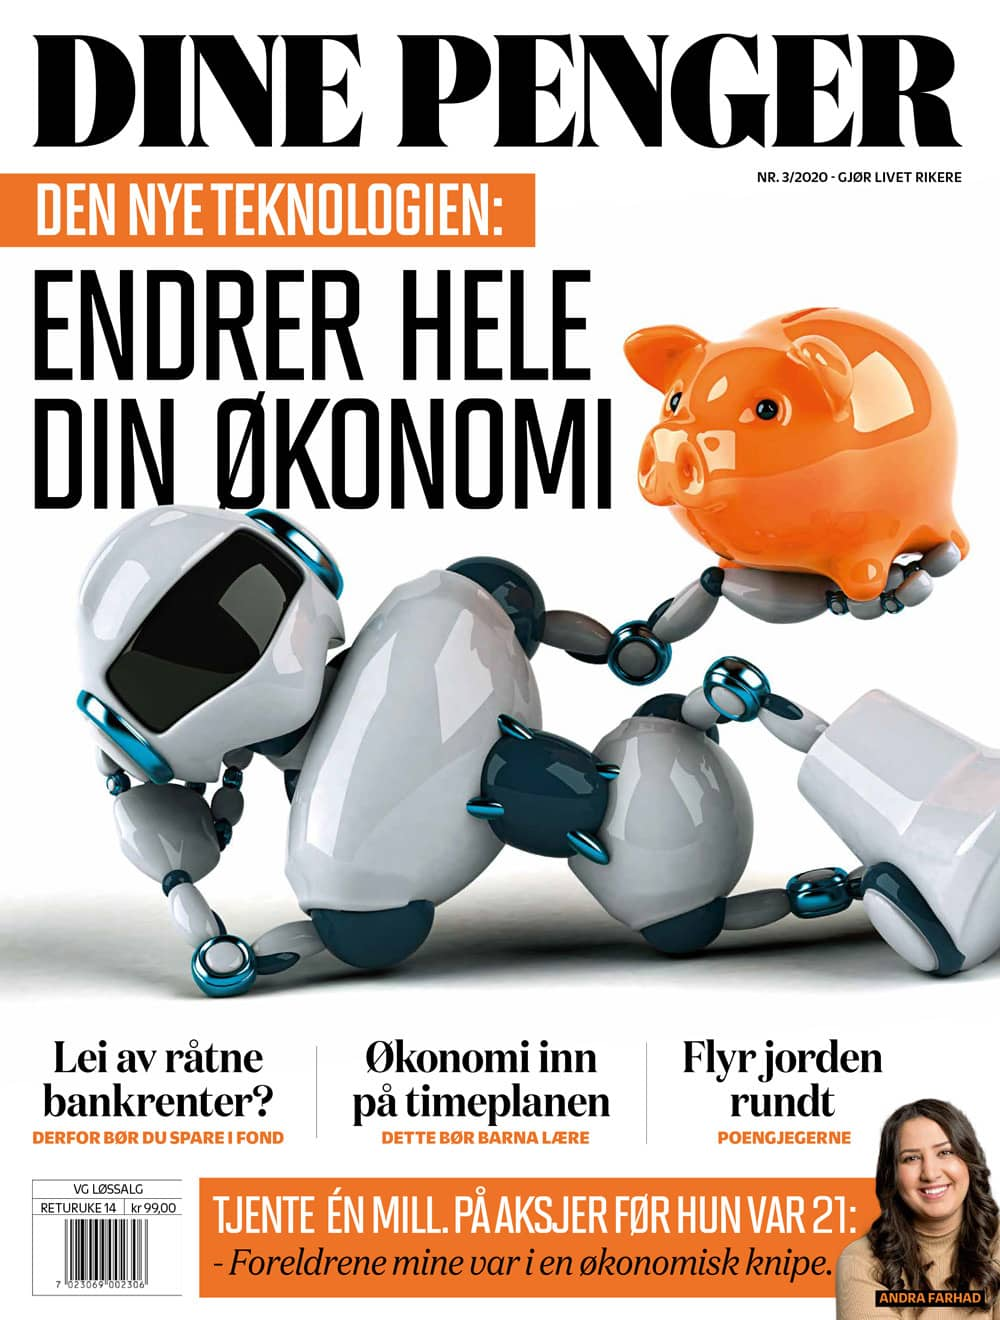 Dinepenger_Cover_0320.jpg